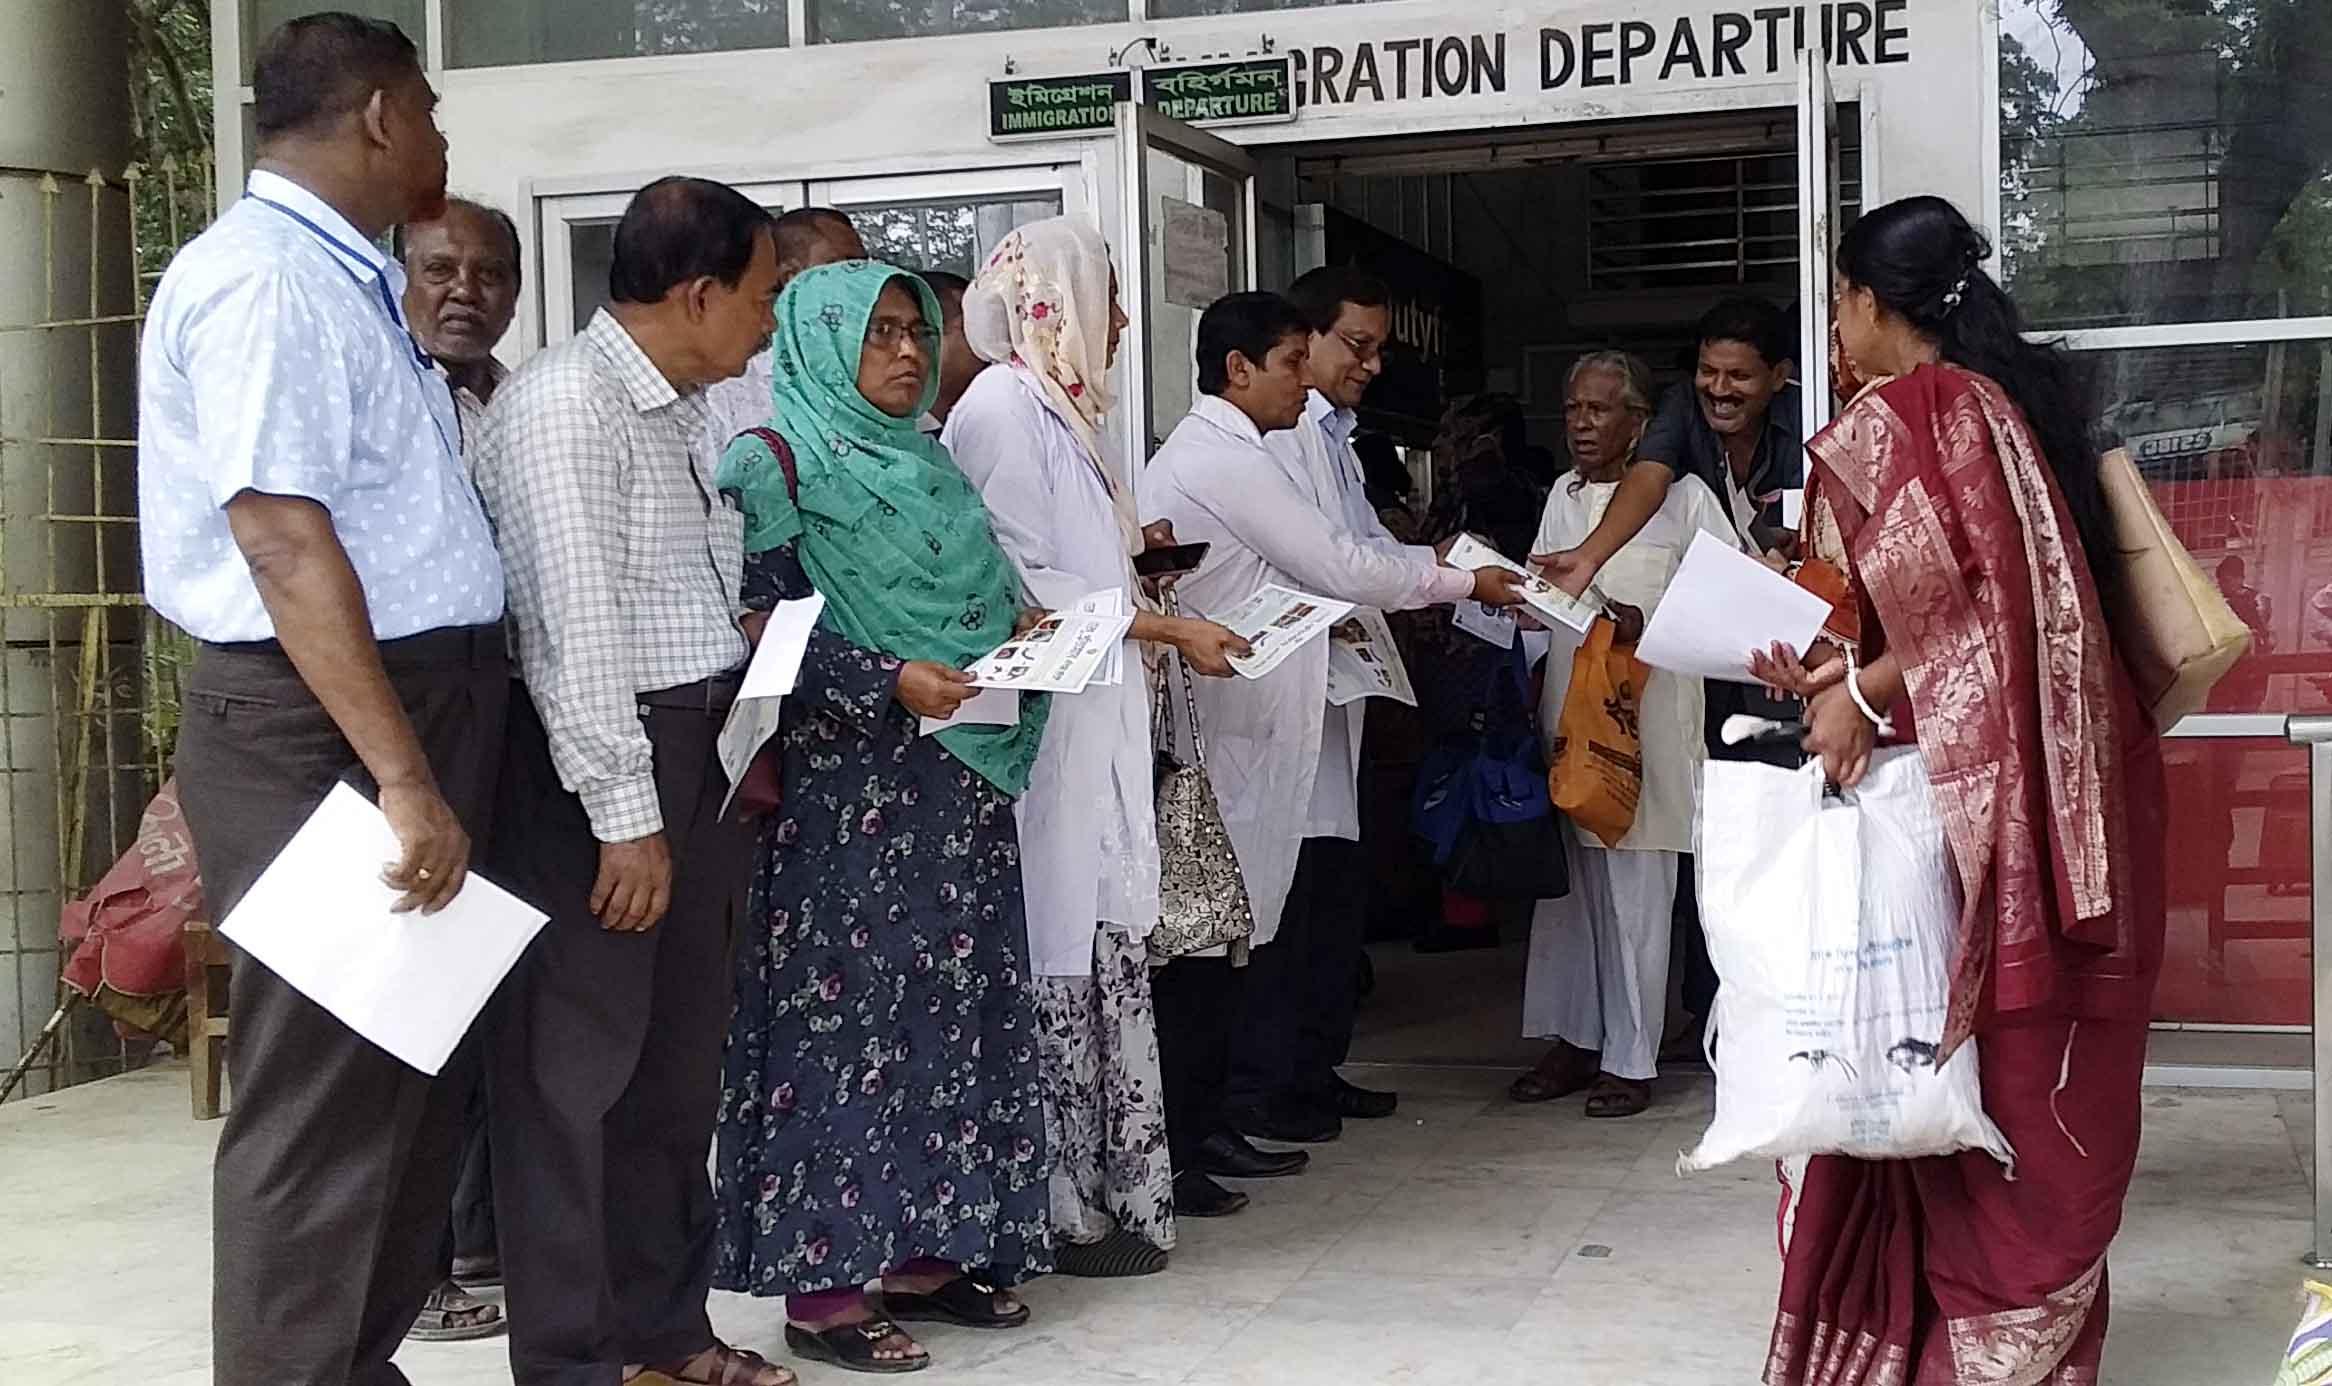 অবশেষে বেনাপোল সীমান্তে ডেঙ্গু প্রতিরোধে গণ সচেতনা চালাচ্ছেন স্বাস্থ্য বিভাগের কর্মকর্তারা